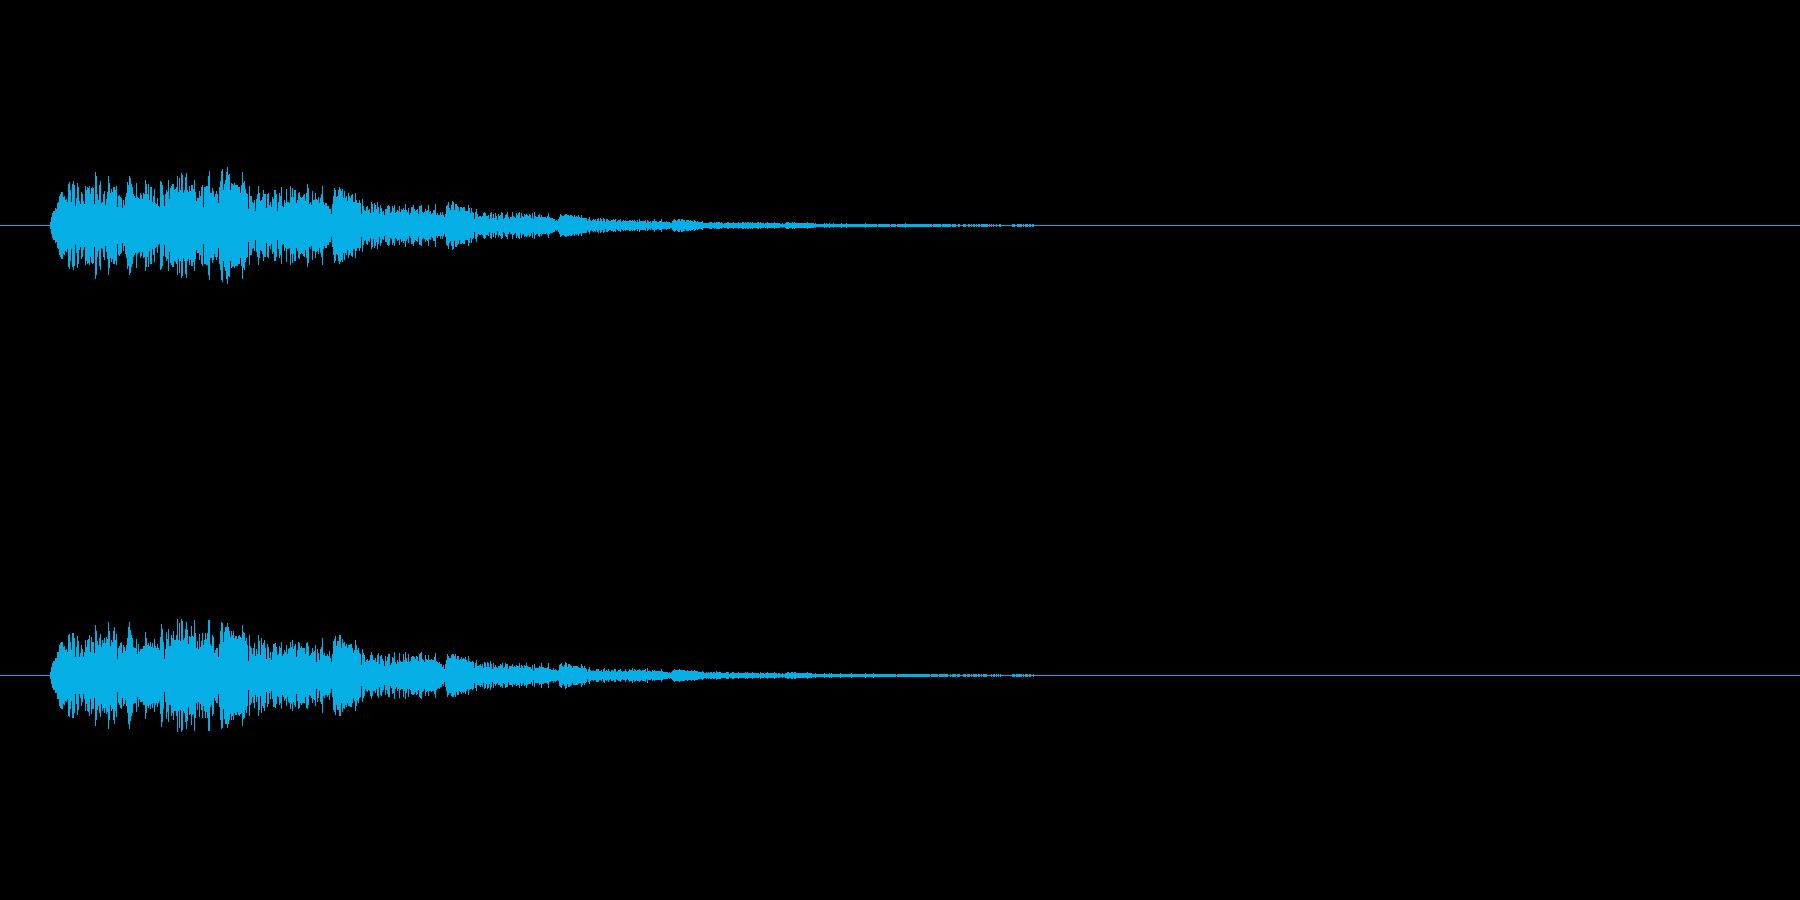 【ショートブリッジ24-2】の再生済みの波形